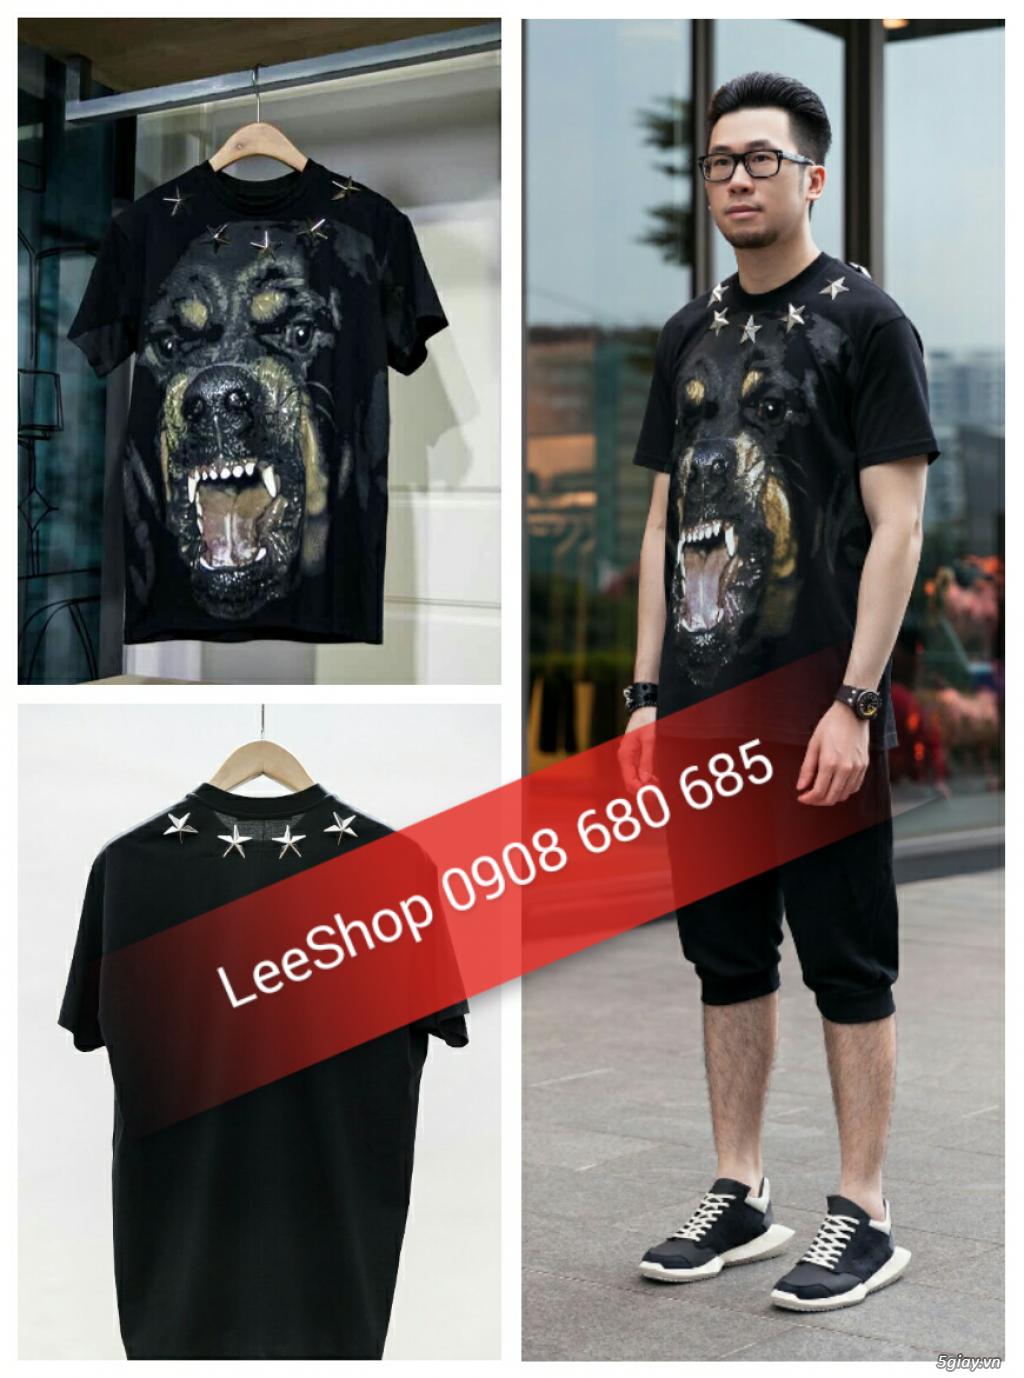 LeeShop_Chuyên quần áo thời trang - 7